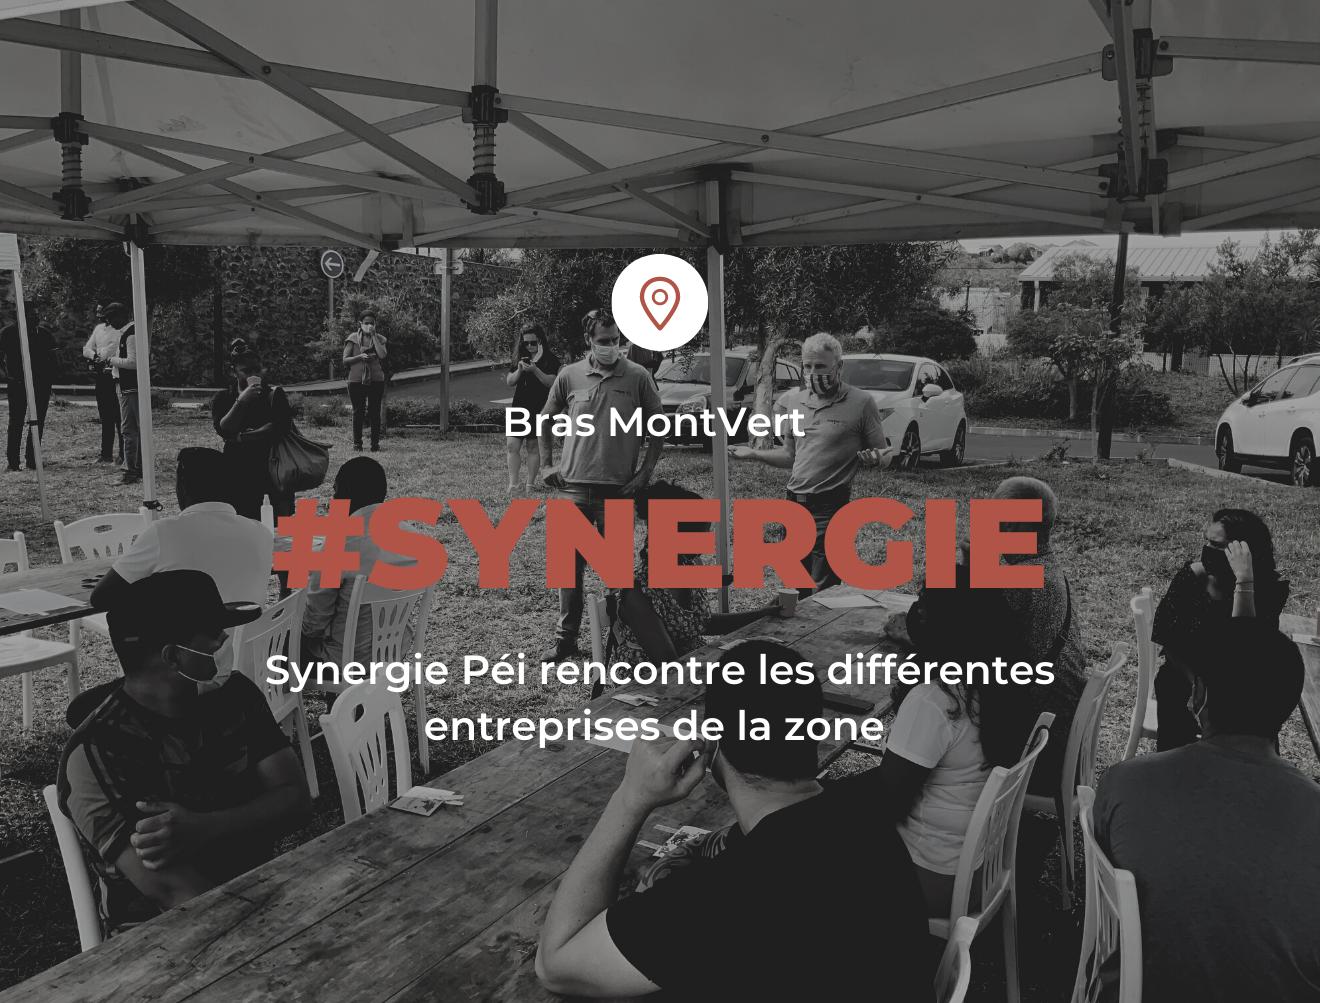 synergie-pei-TCO-zone-activité-économique-échange-entreprise